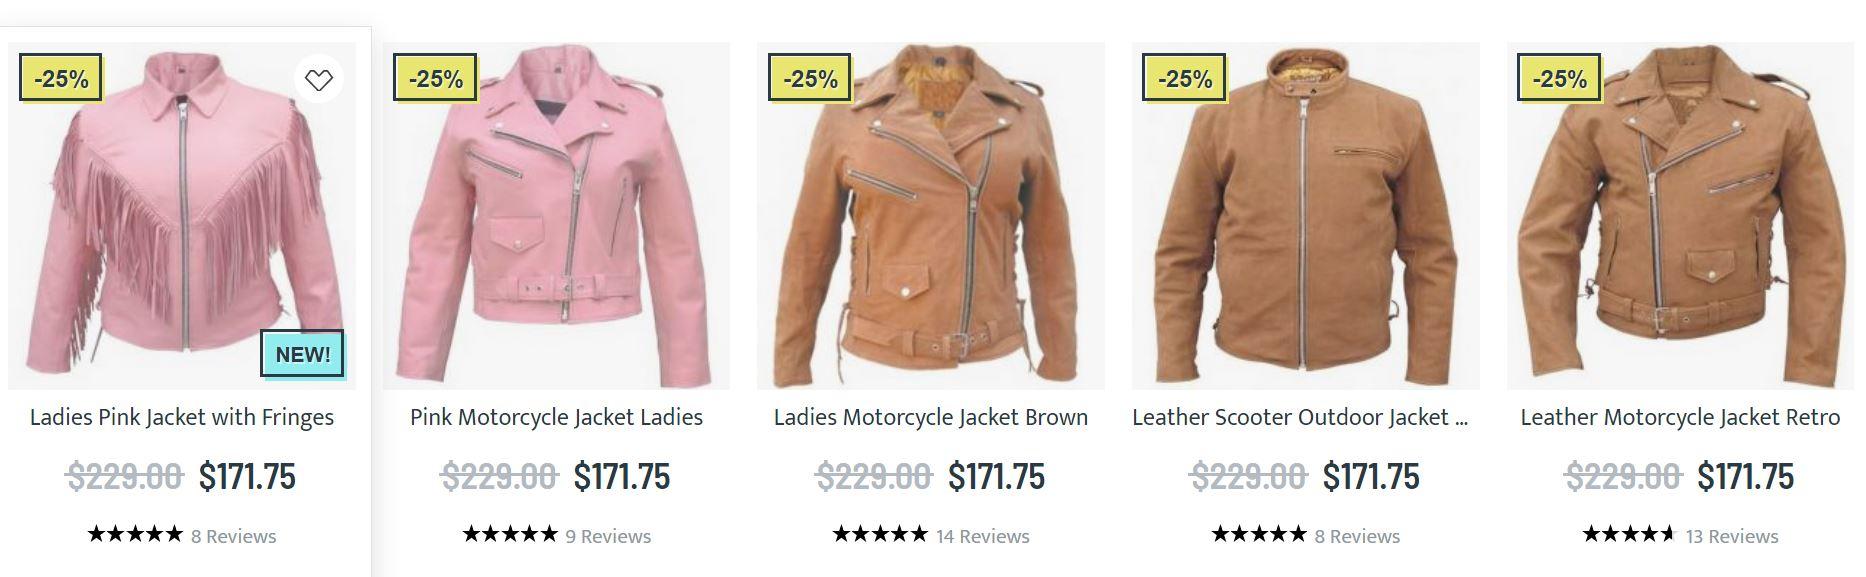 Leather Touring Jacket